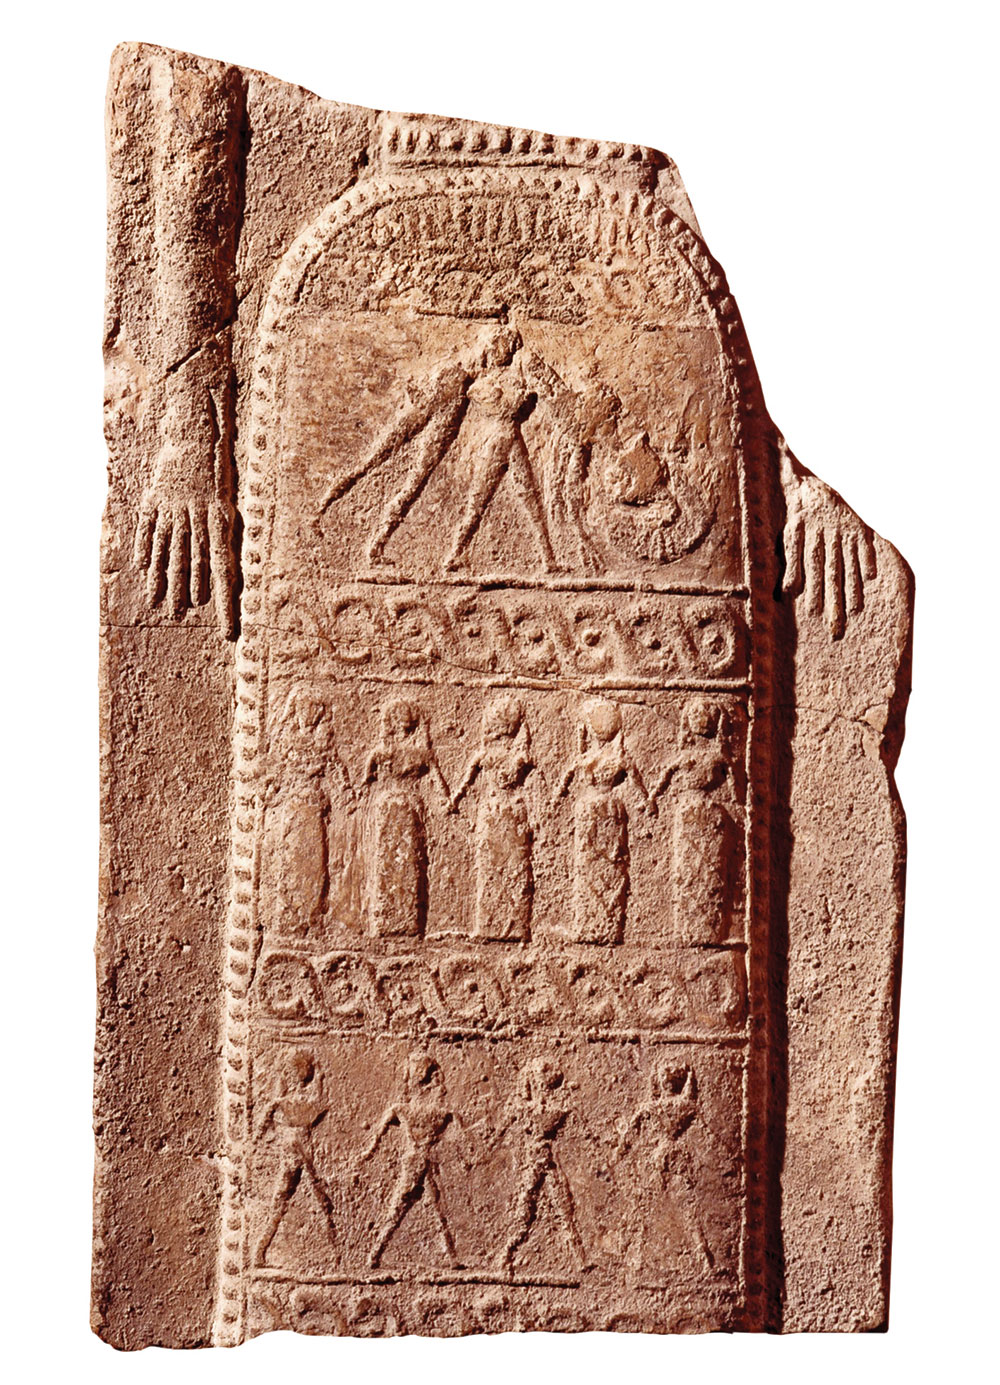 Dopo oltre vent'anni torna visibile al MANN la grande collezione Magna Grecia con oltre 400 reperti